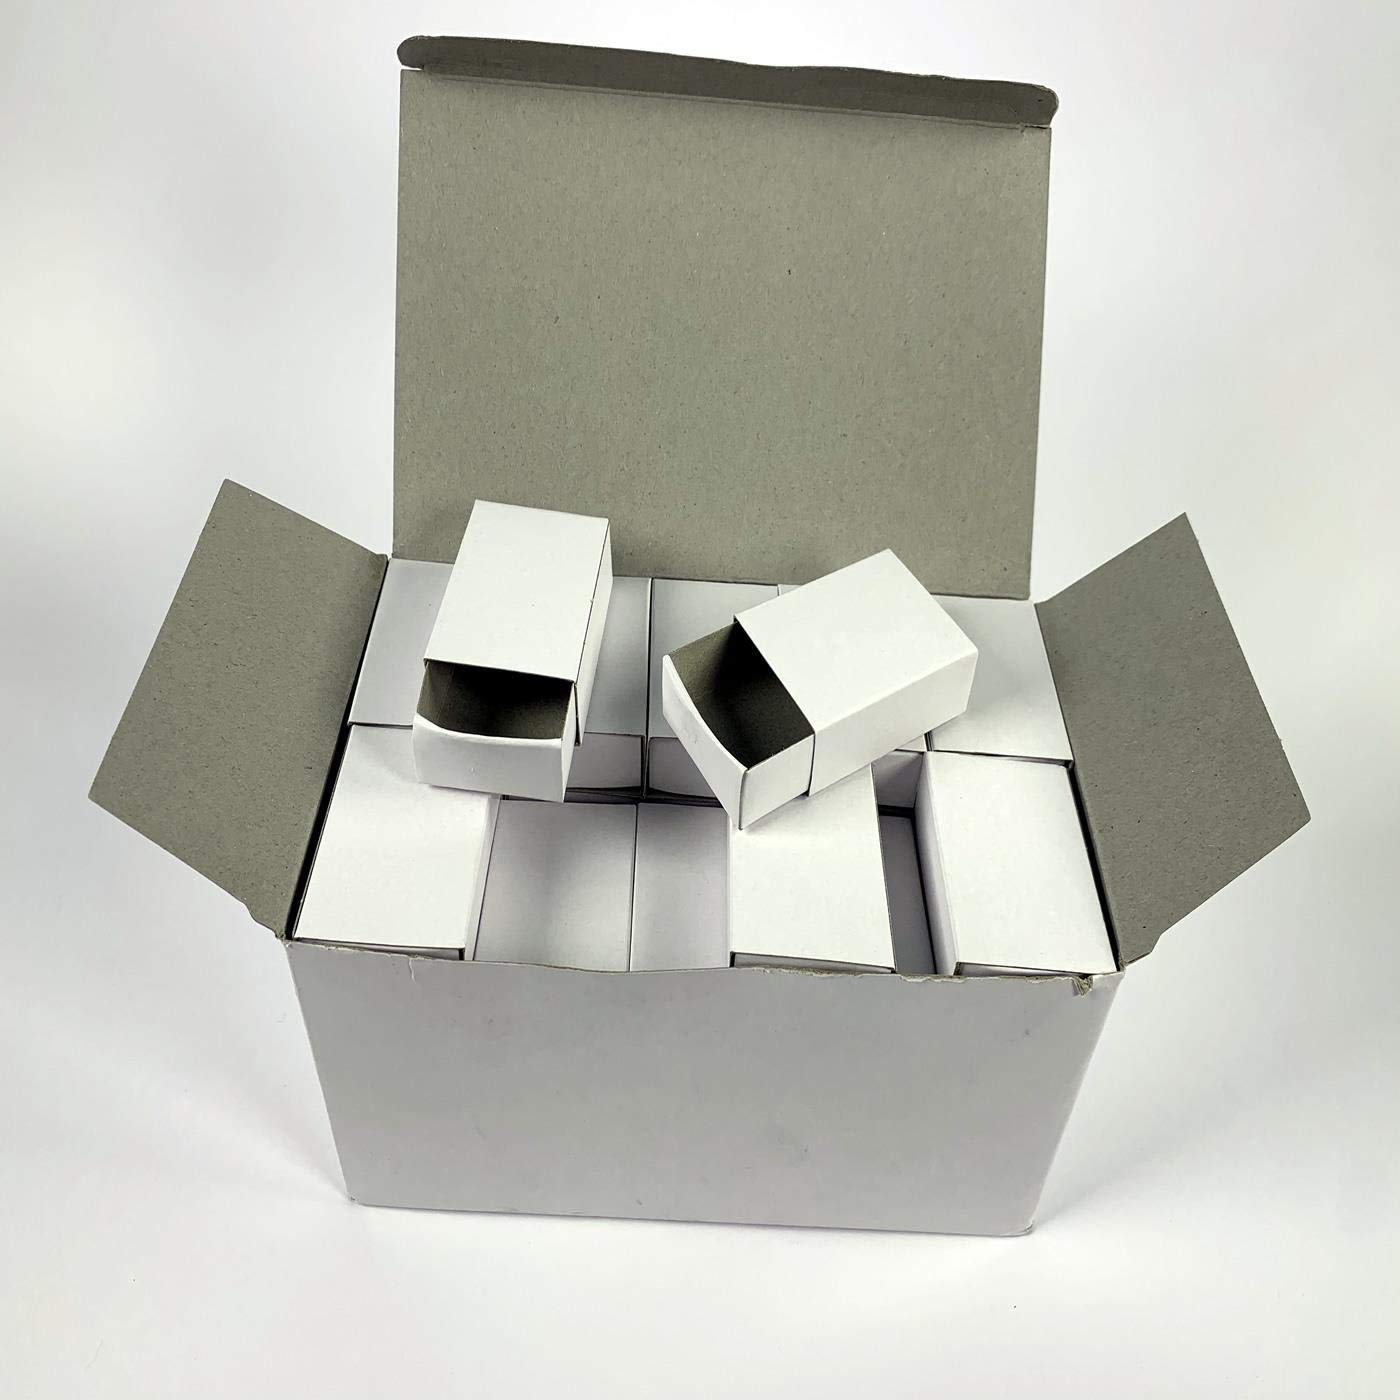 Papier Mache Shapes 24 Plain White Empty Matchboxes for Crafts